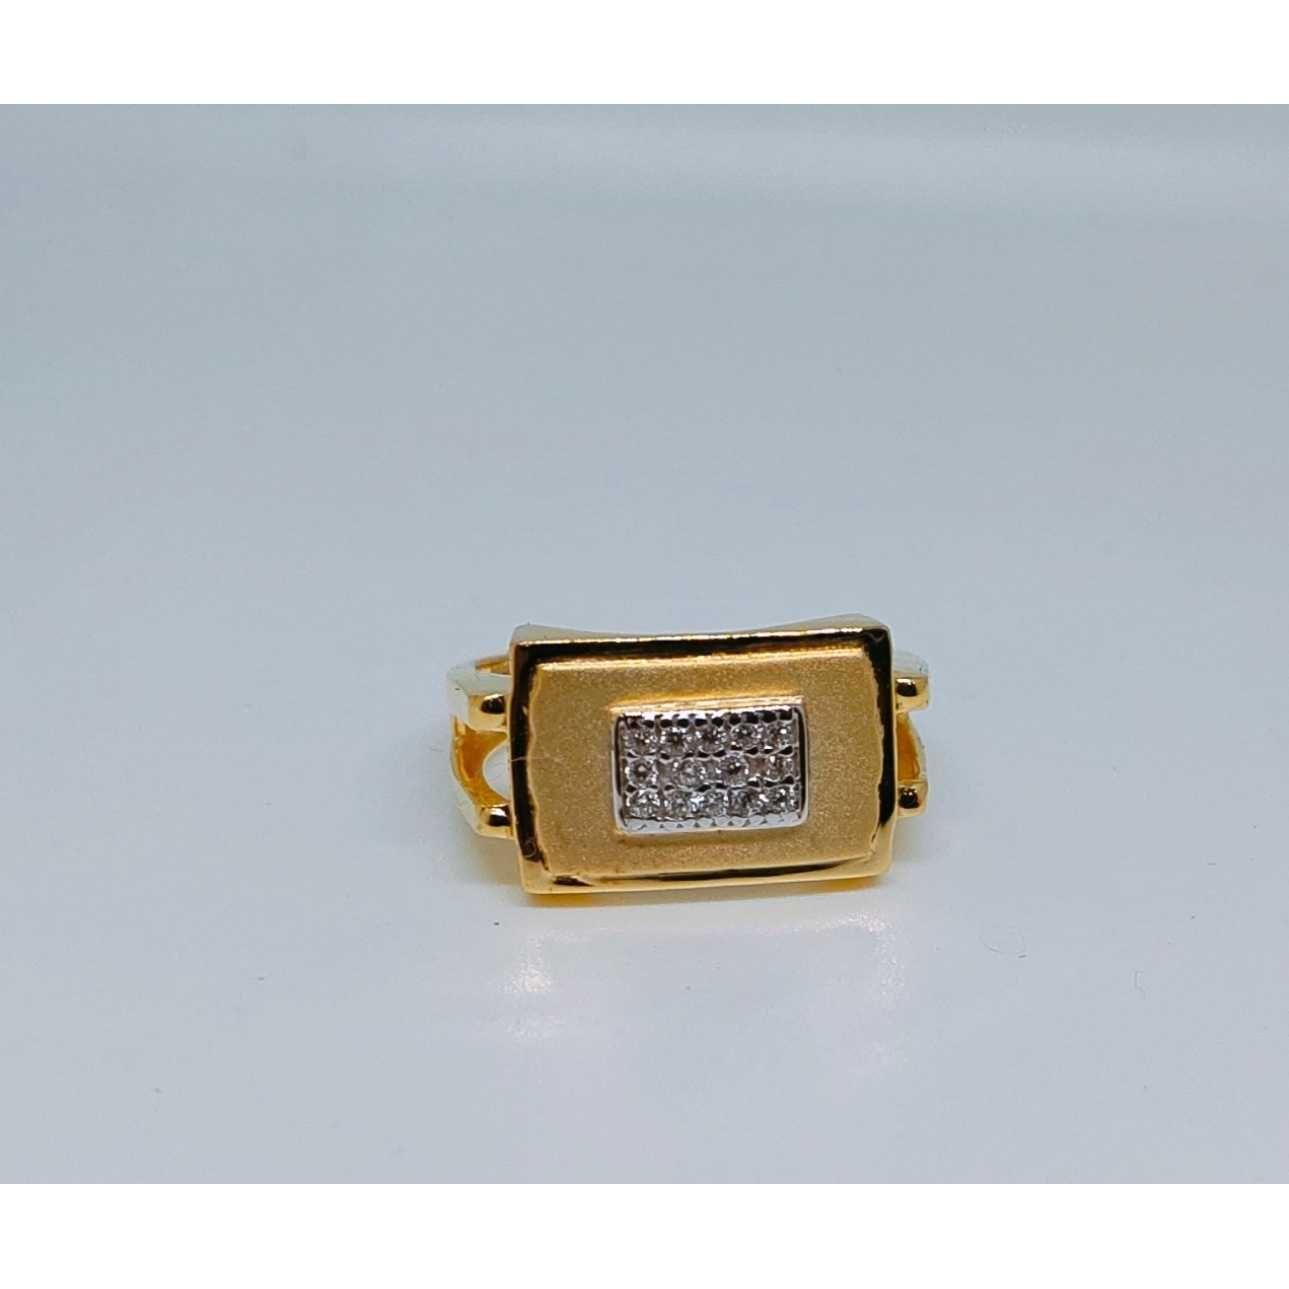 22k Gents Fancy Gold Ring Gr-28650